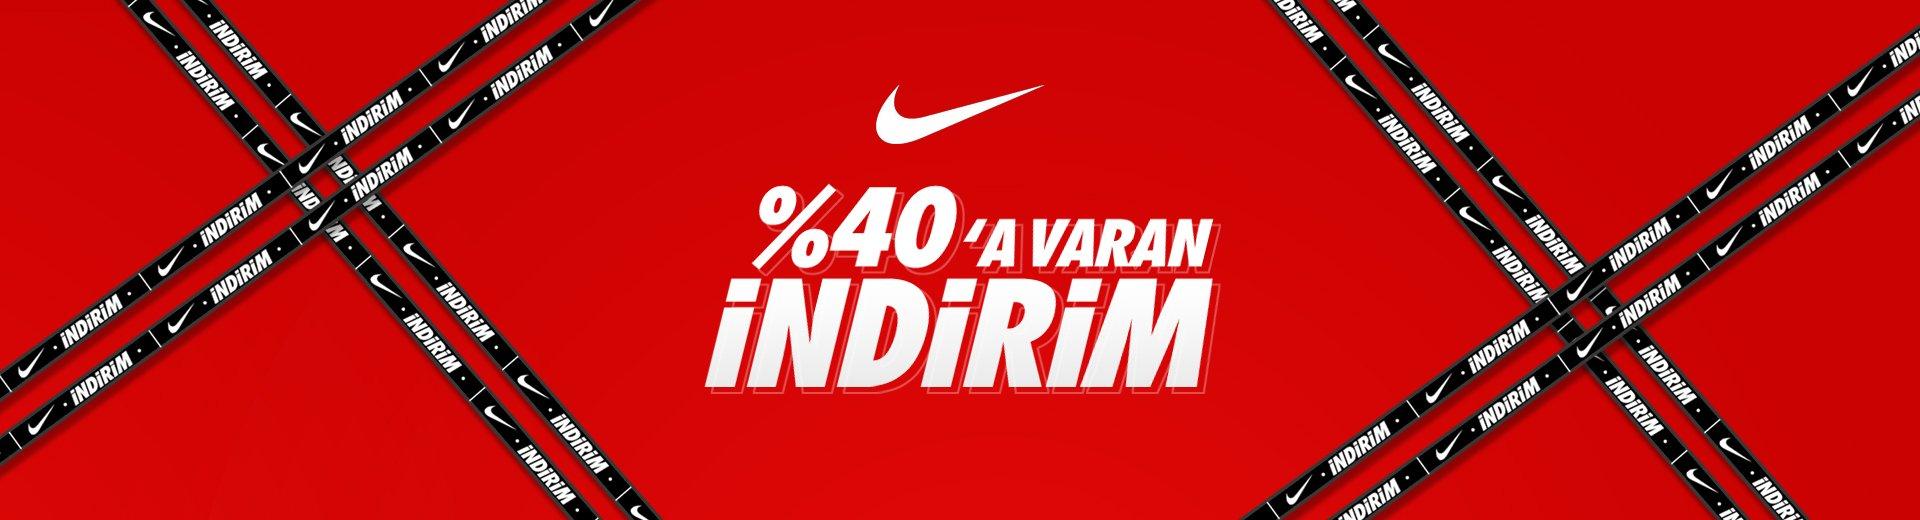 Nike Sezon Sonu İndirimi